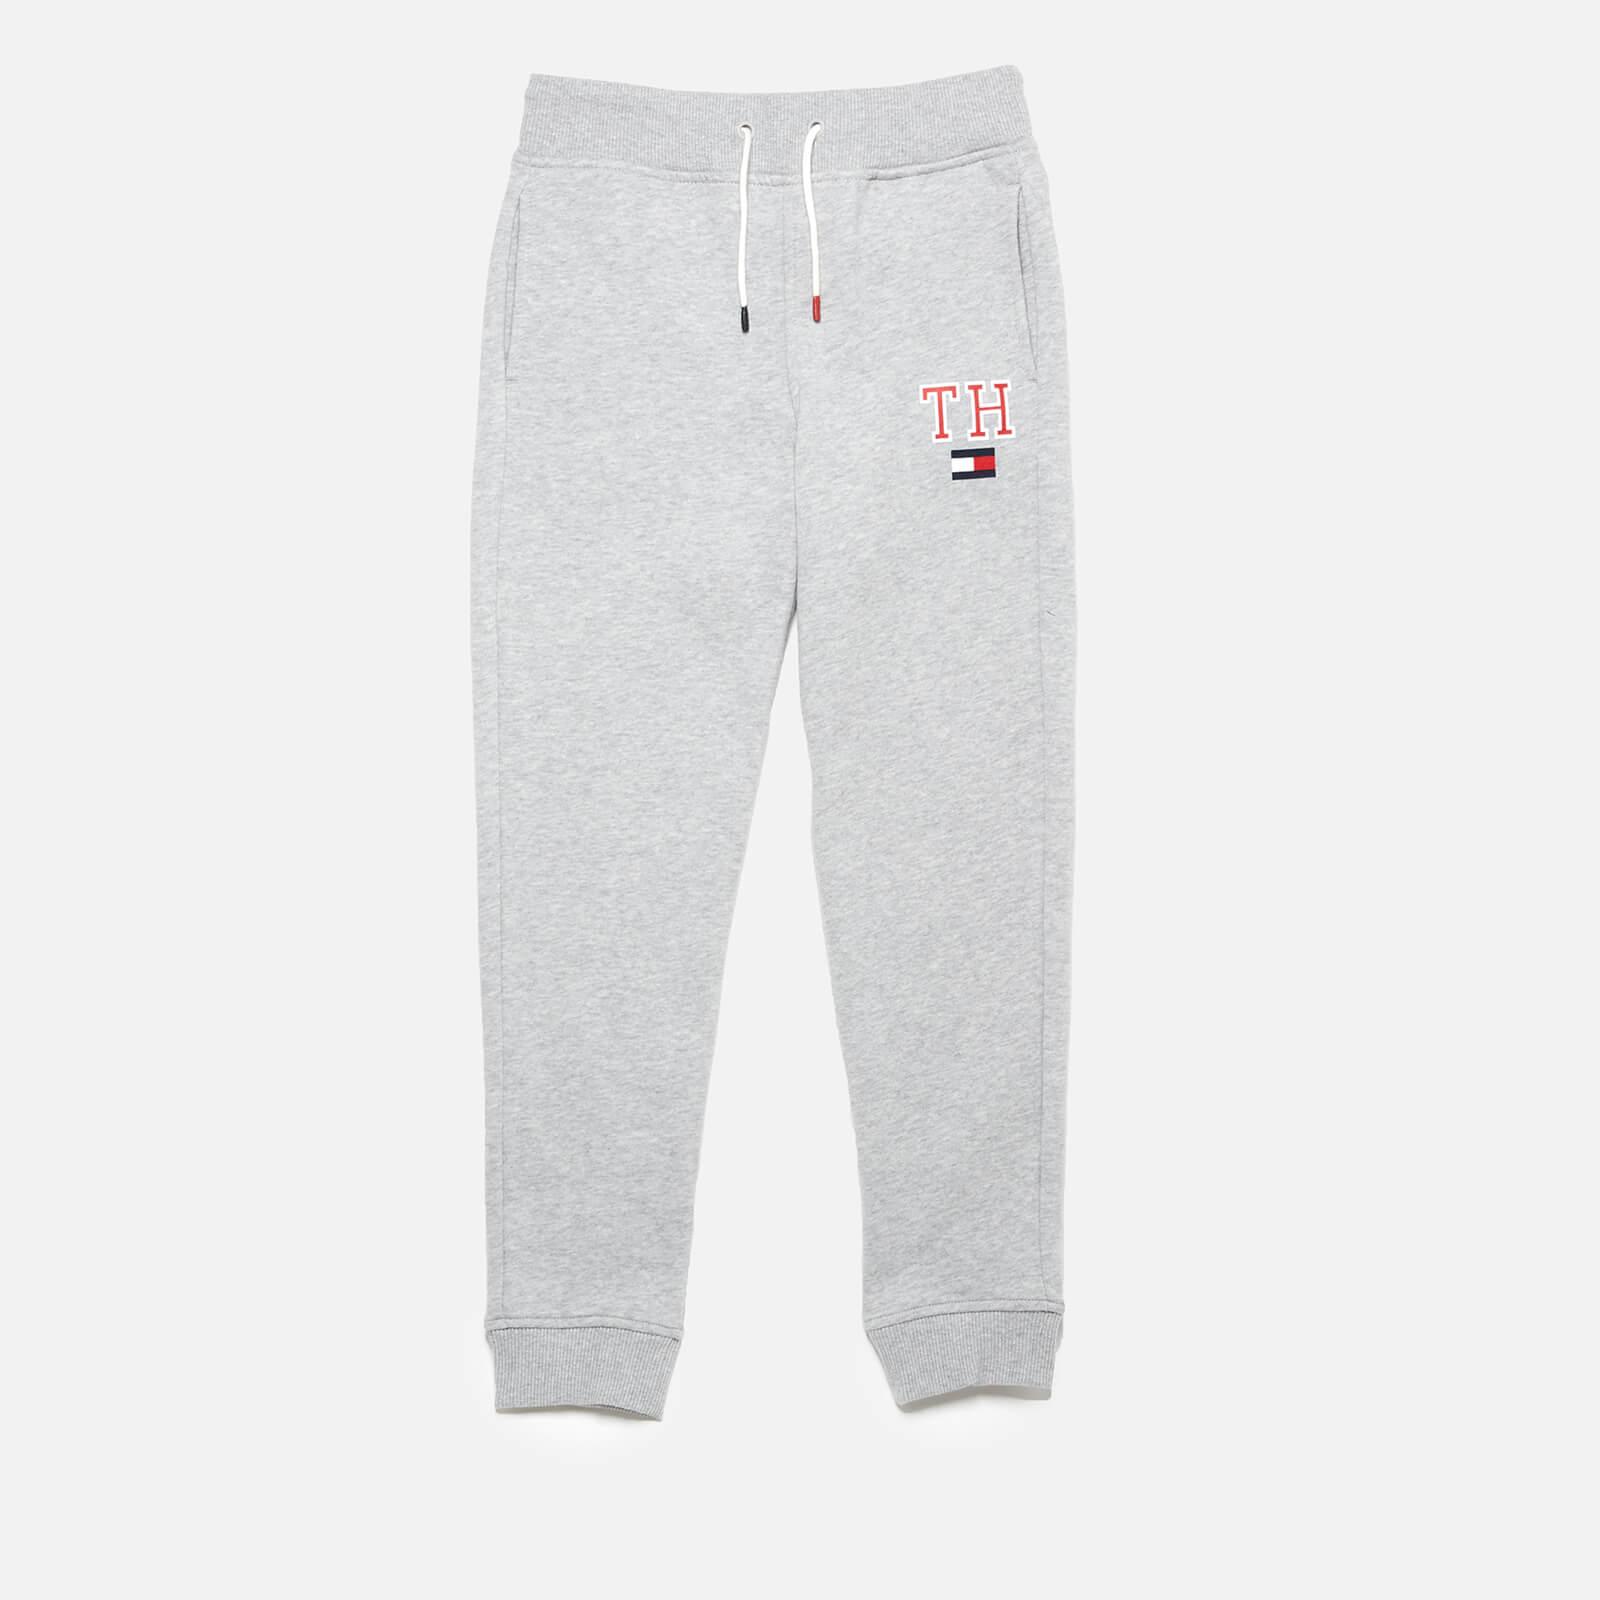 Tommy Hilfiger Boys' Essential Hilfiger Sweatpants - Grey Heather - 7 Years - Grey